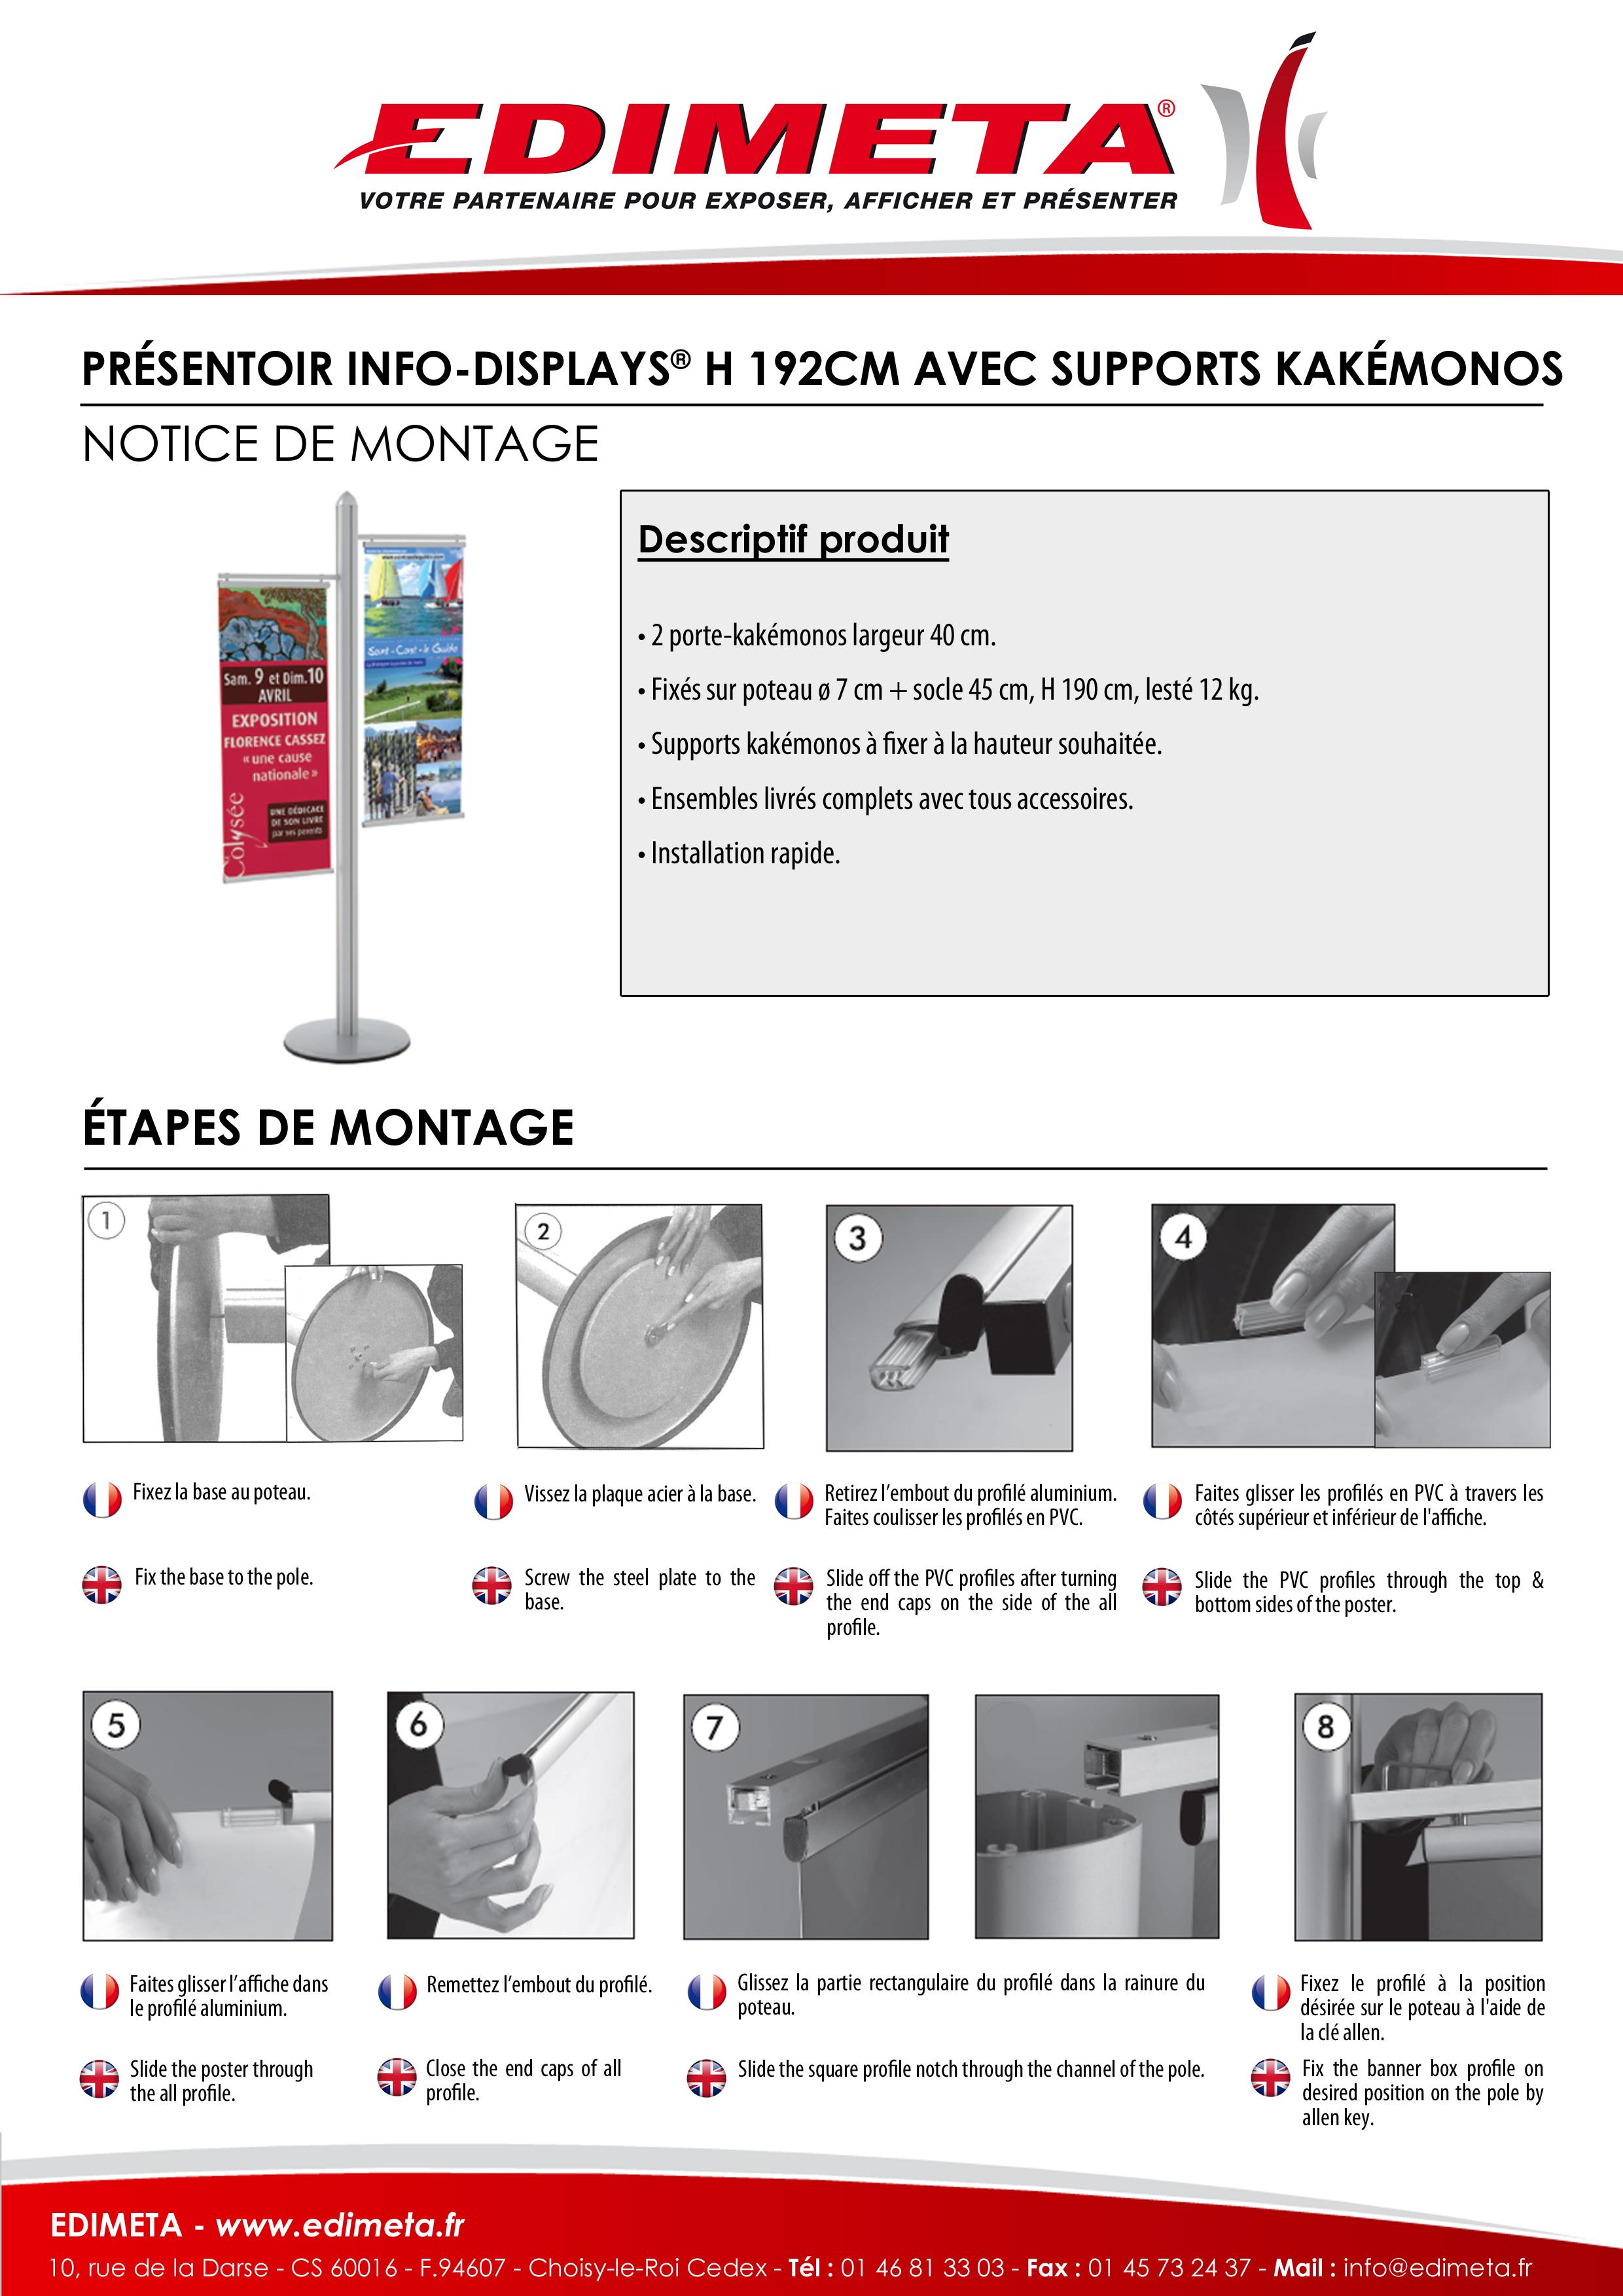 NOTICE DE MONTAGE : PRÉSENTOIR INFO-DISPLAYS® H 192 CM AVEC SUPPORTS KAKÉMONOS